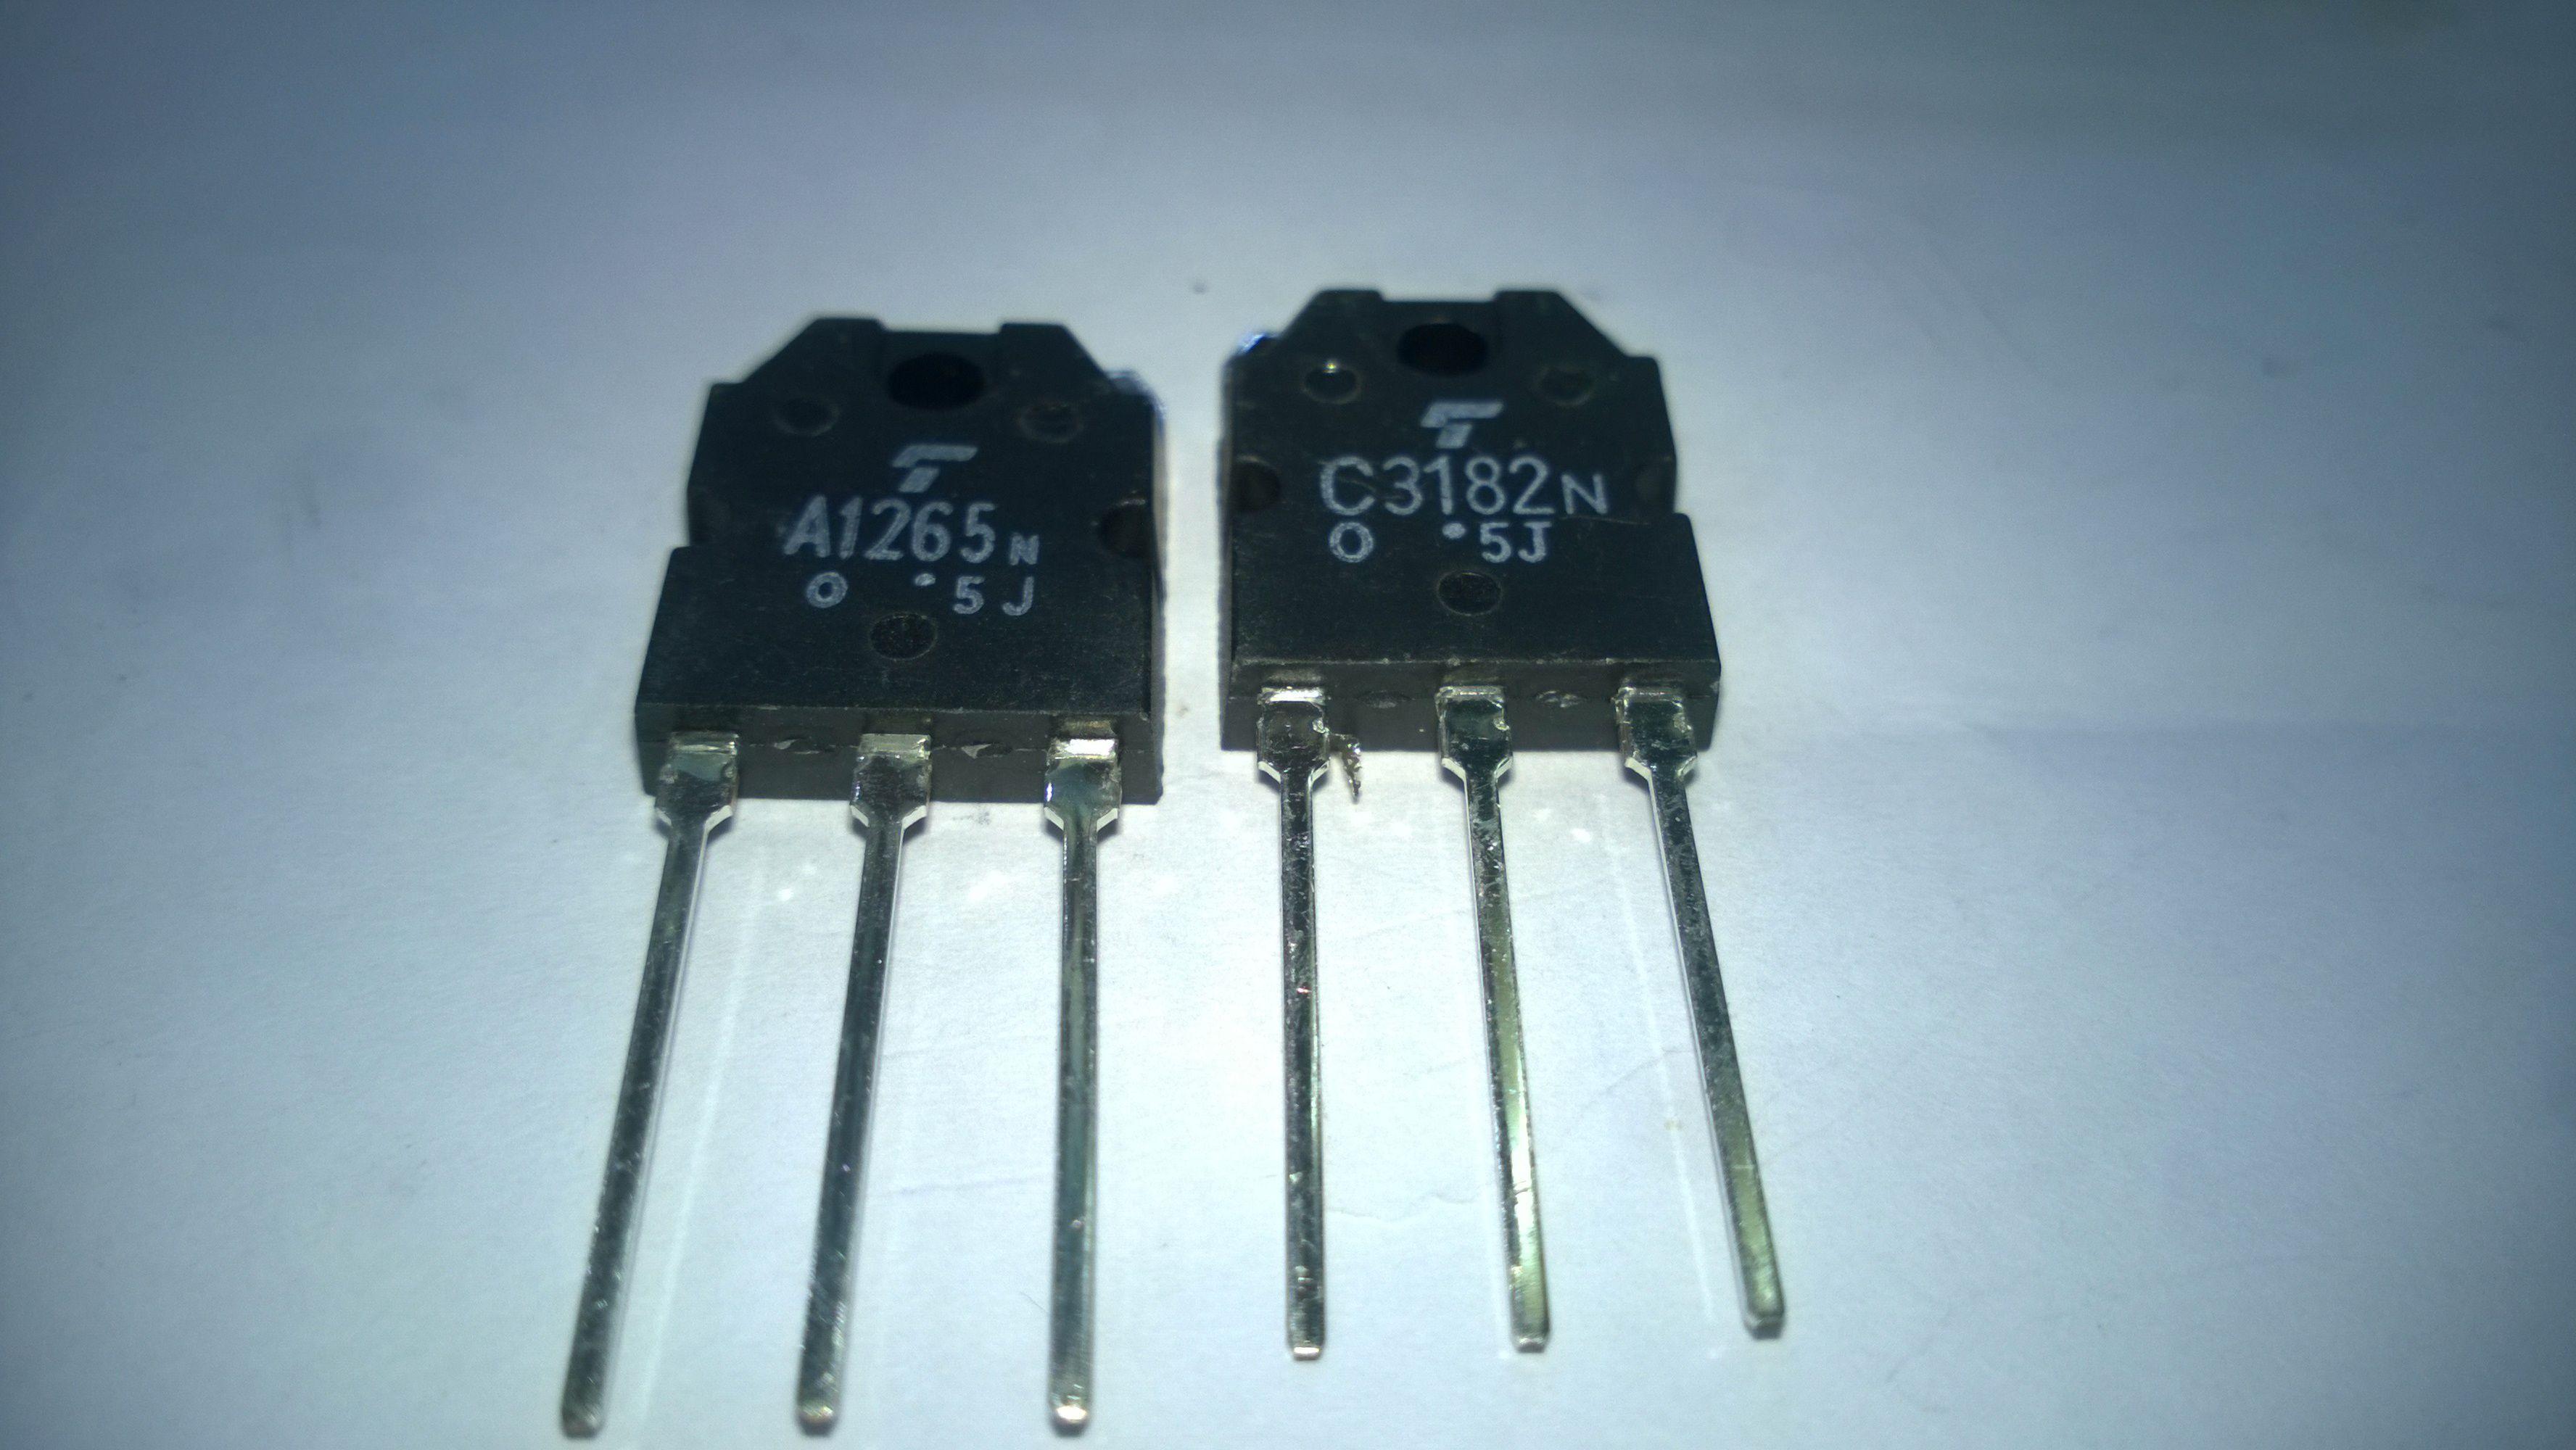 Freies Verschiffen 2SA1265 2SC3182 2SA1265N 2SC3182N (A1265N C3182N) TO3P Neu und Ursprung 5 Paare = 10 TEILE / LOS